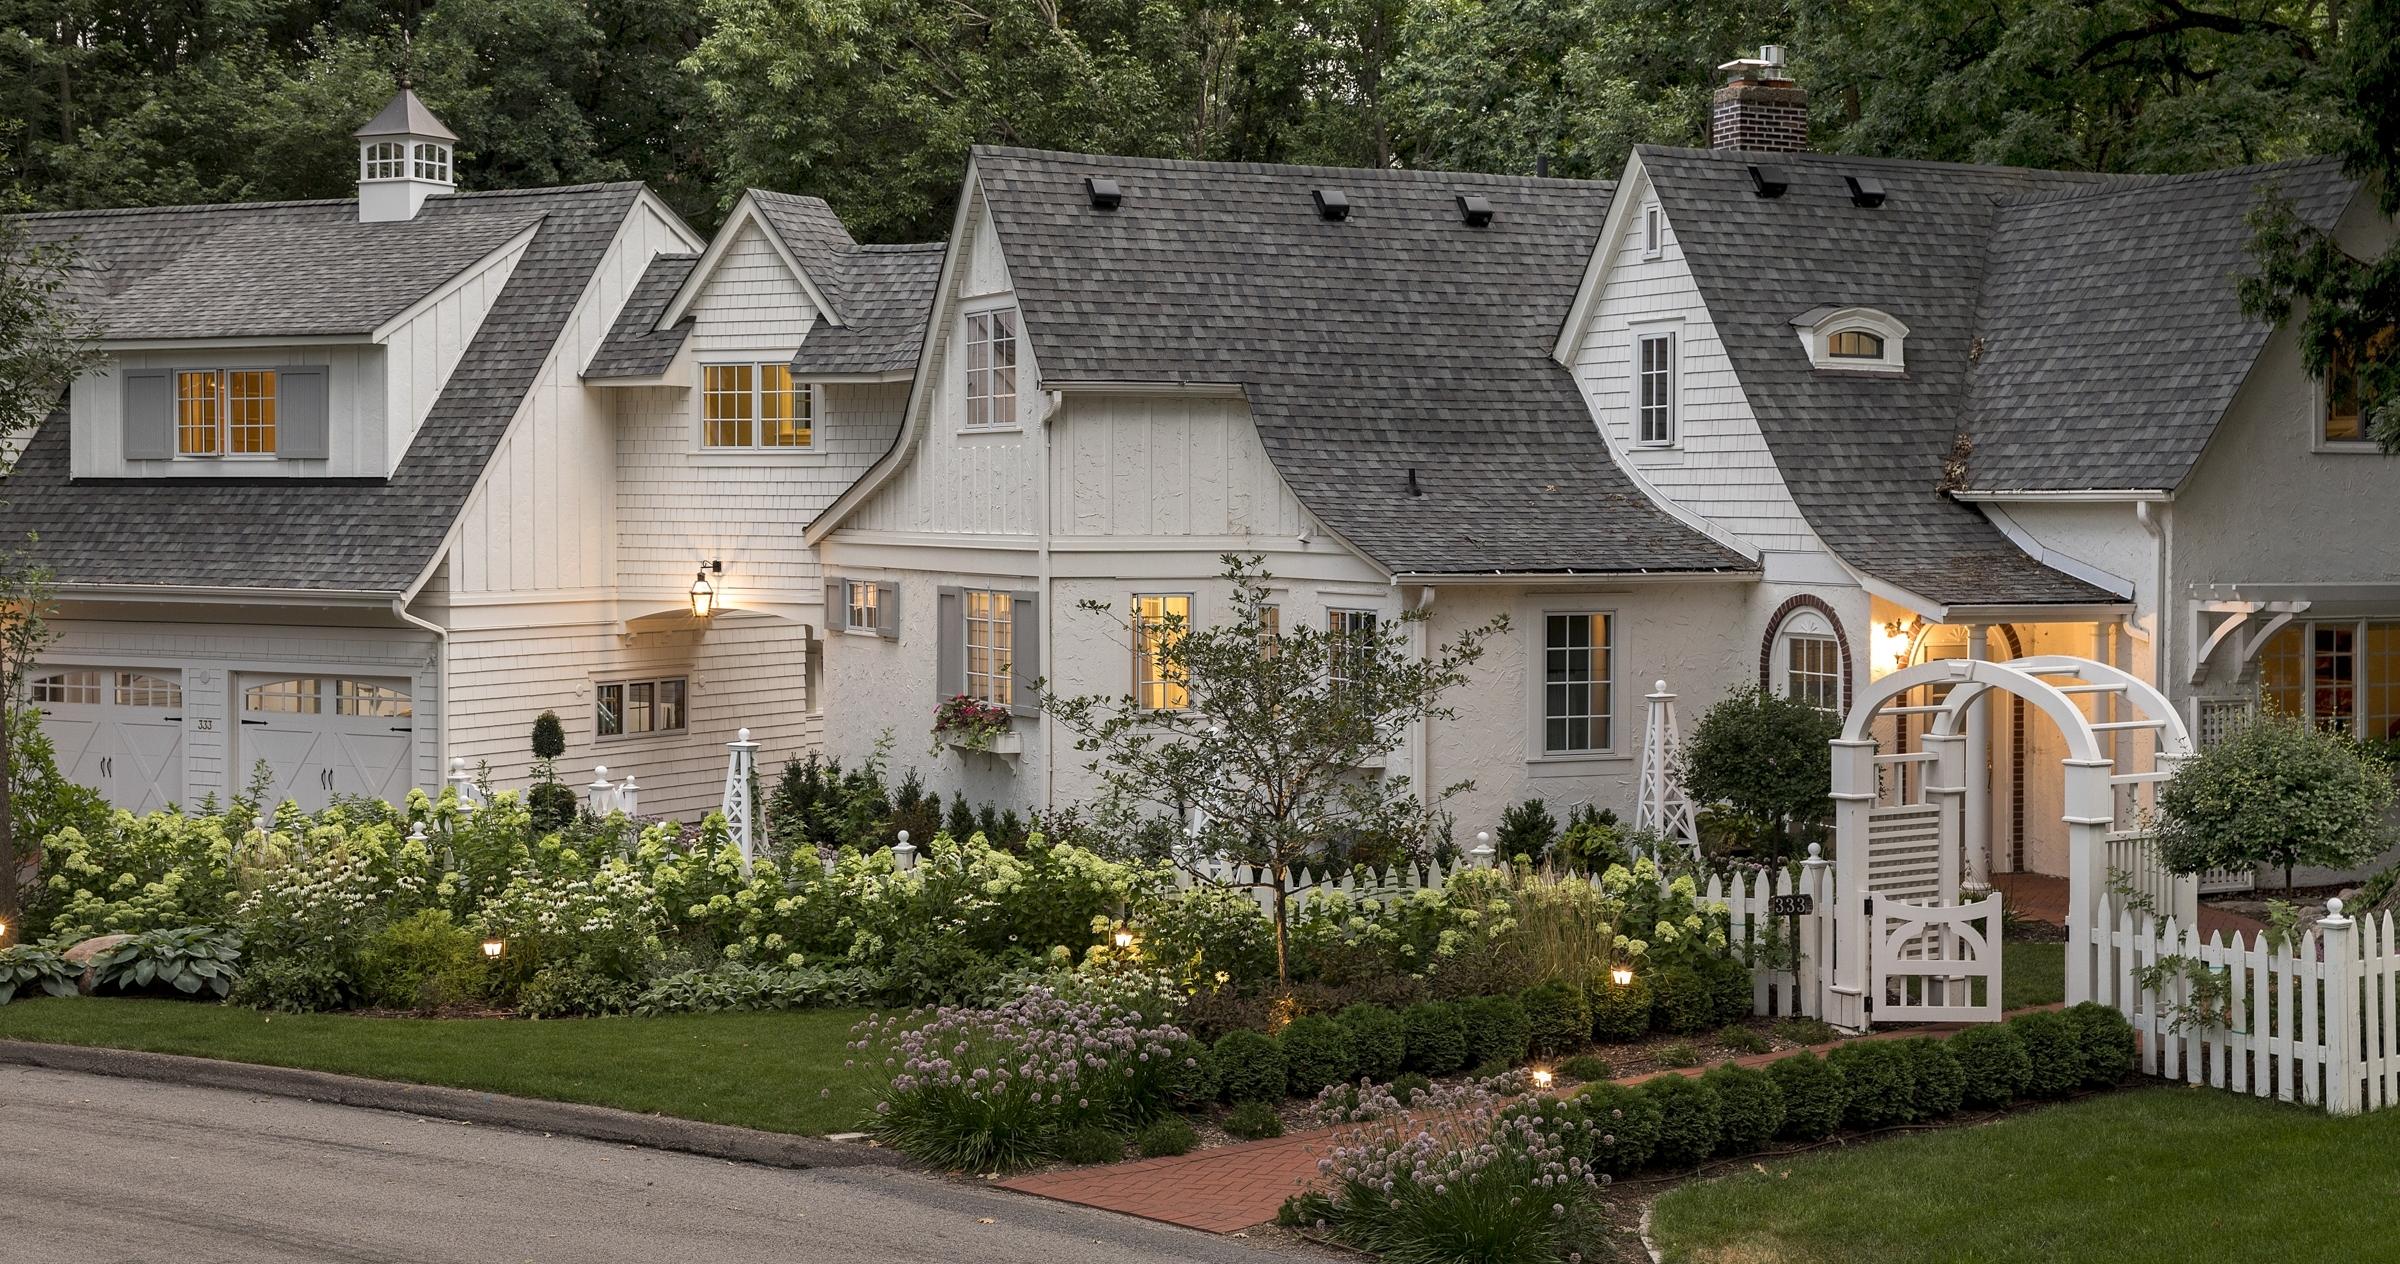 Mom's Design Build - Coastal Cottage Front Yard Landscape